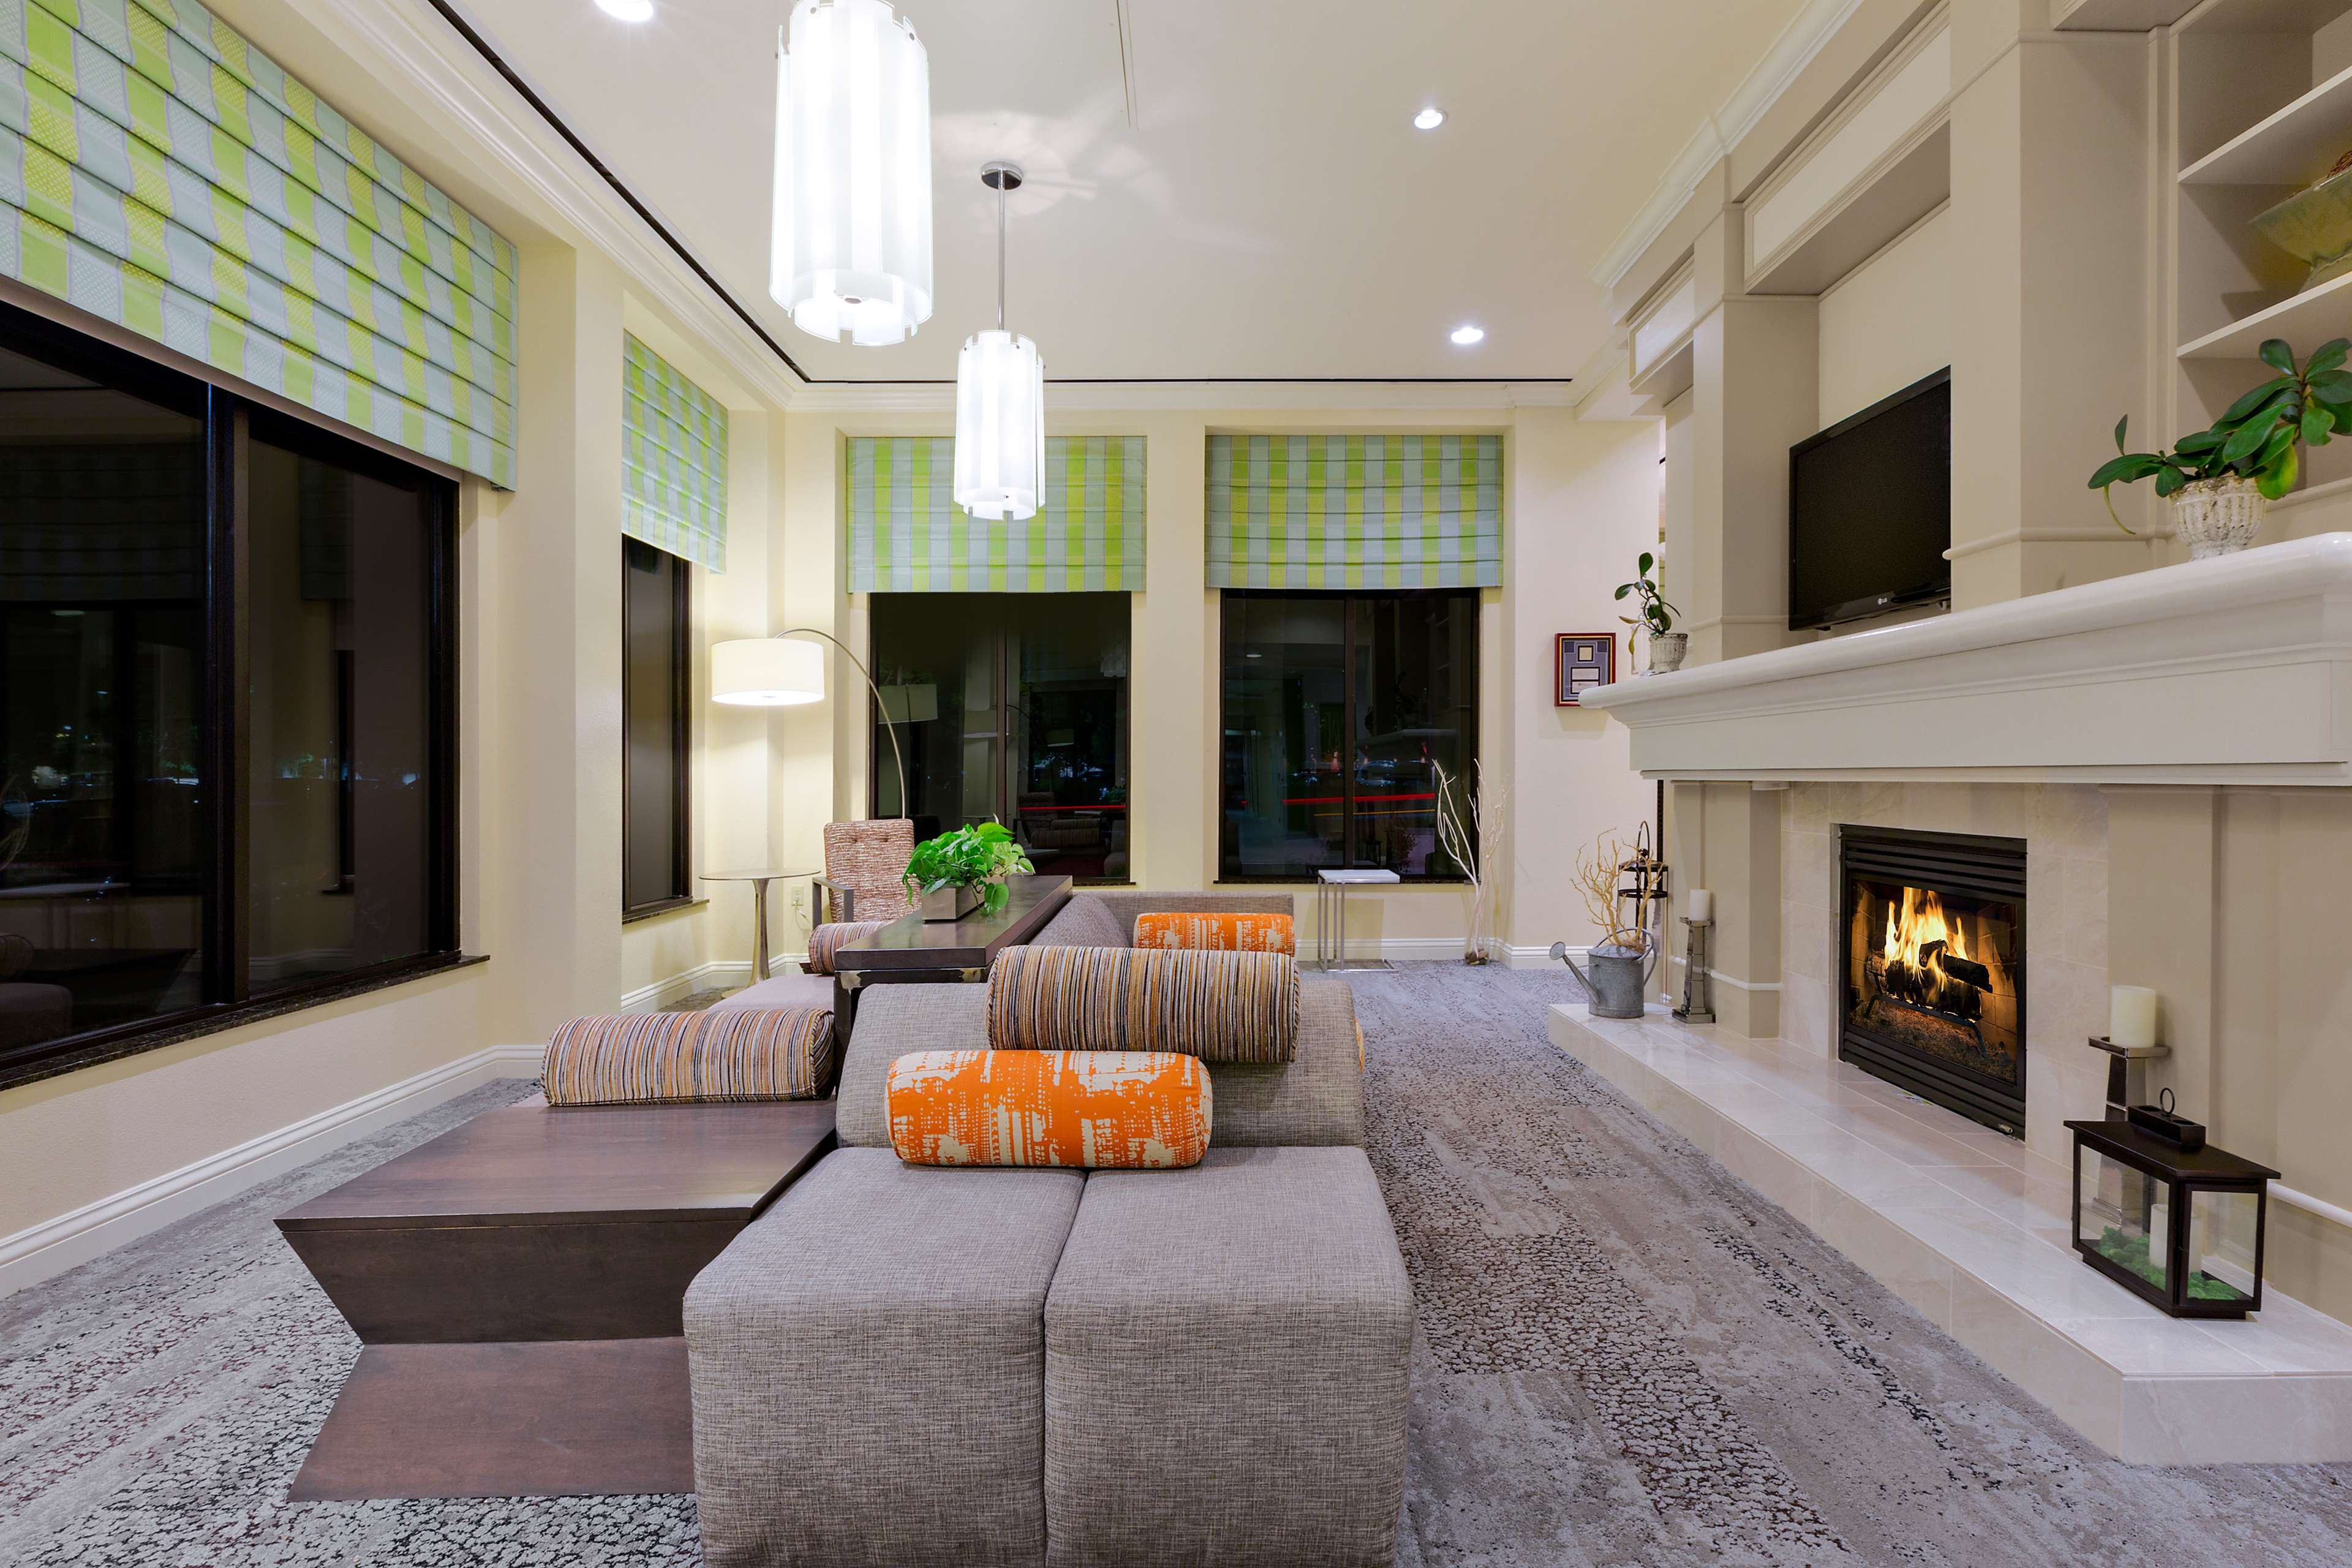 Hilton Garden Inn Sacramento Elk Grove image 2